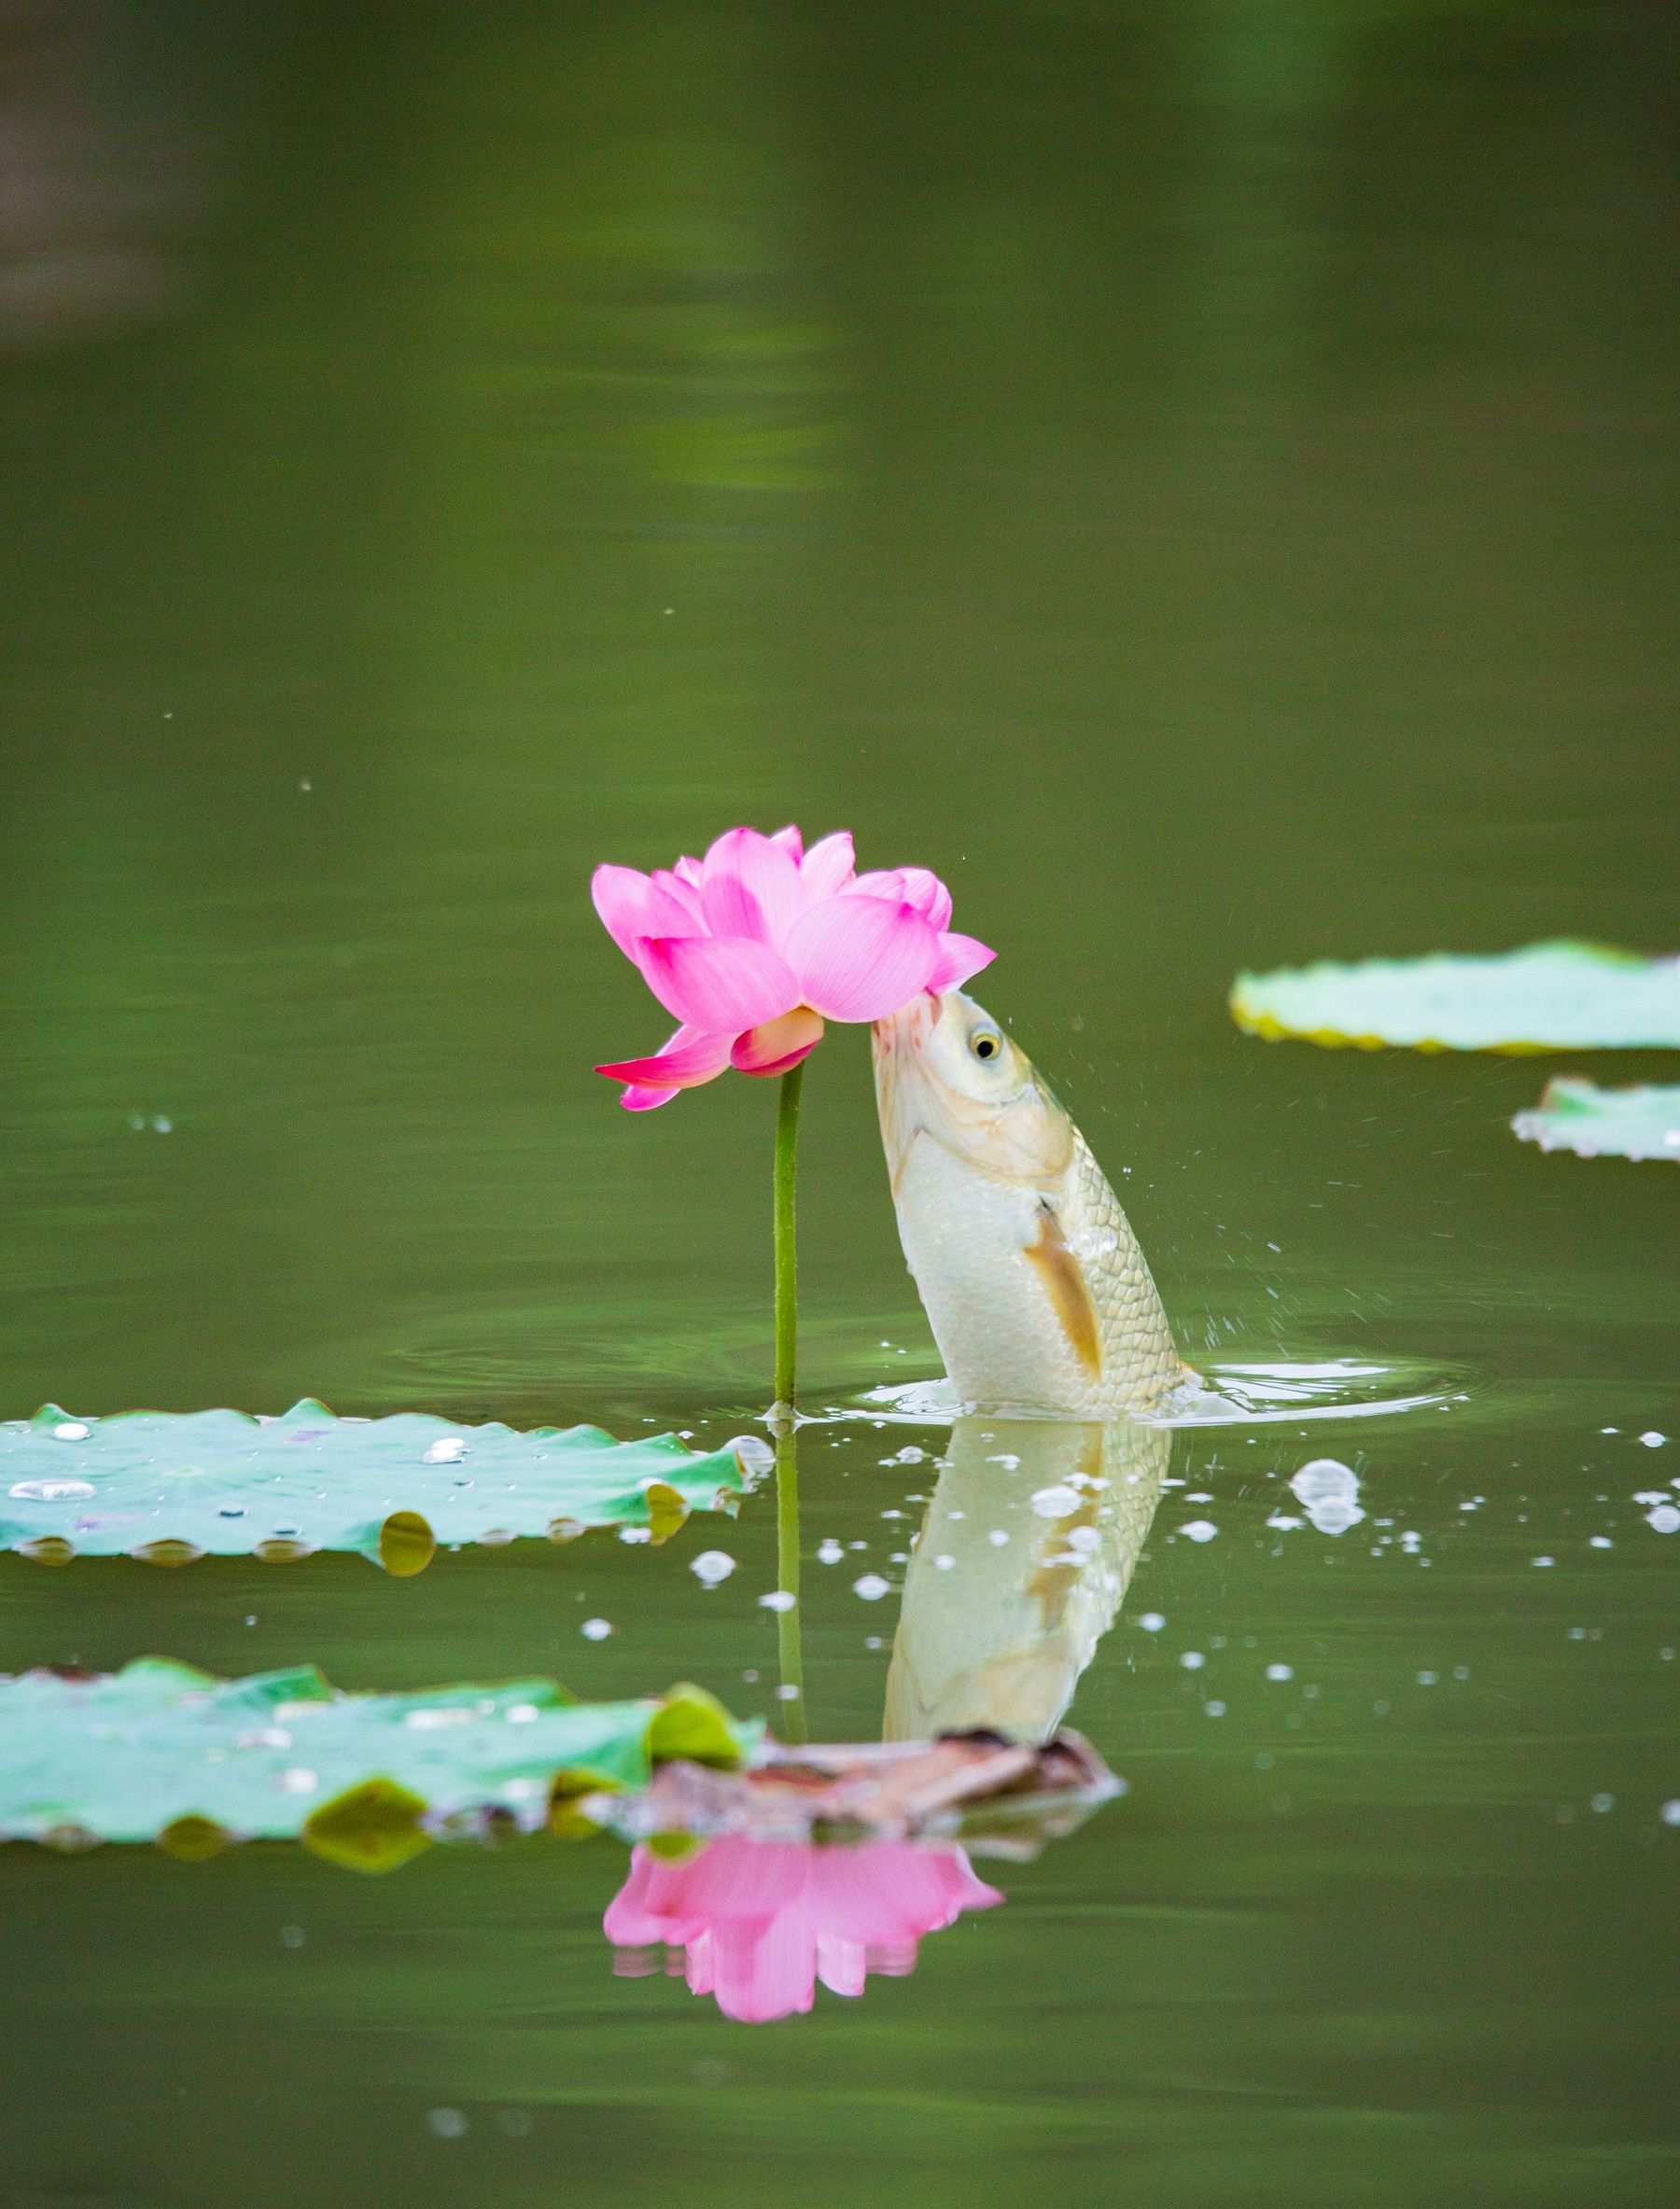 生态摄影:鱼啄荷花